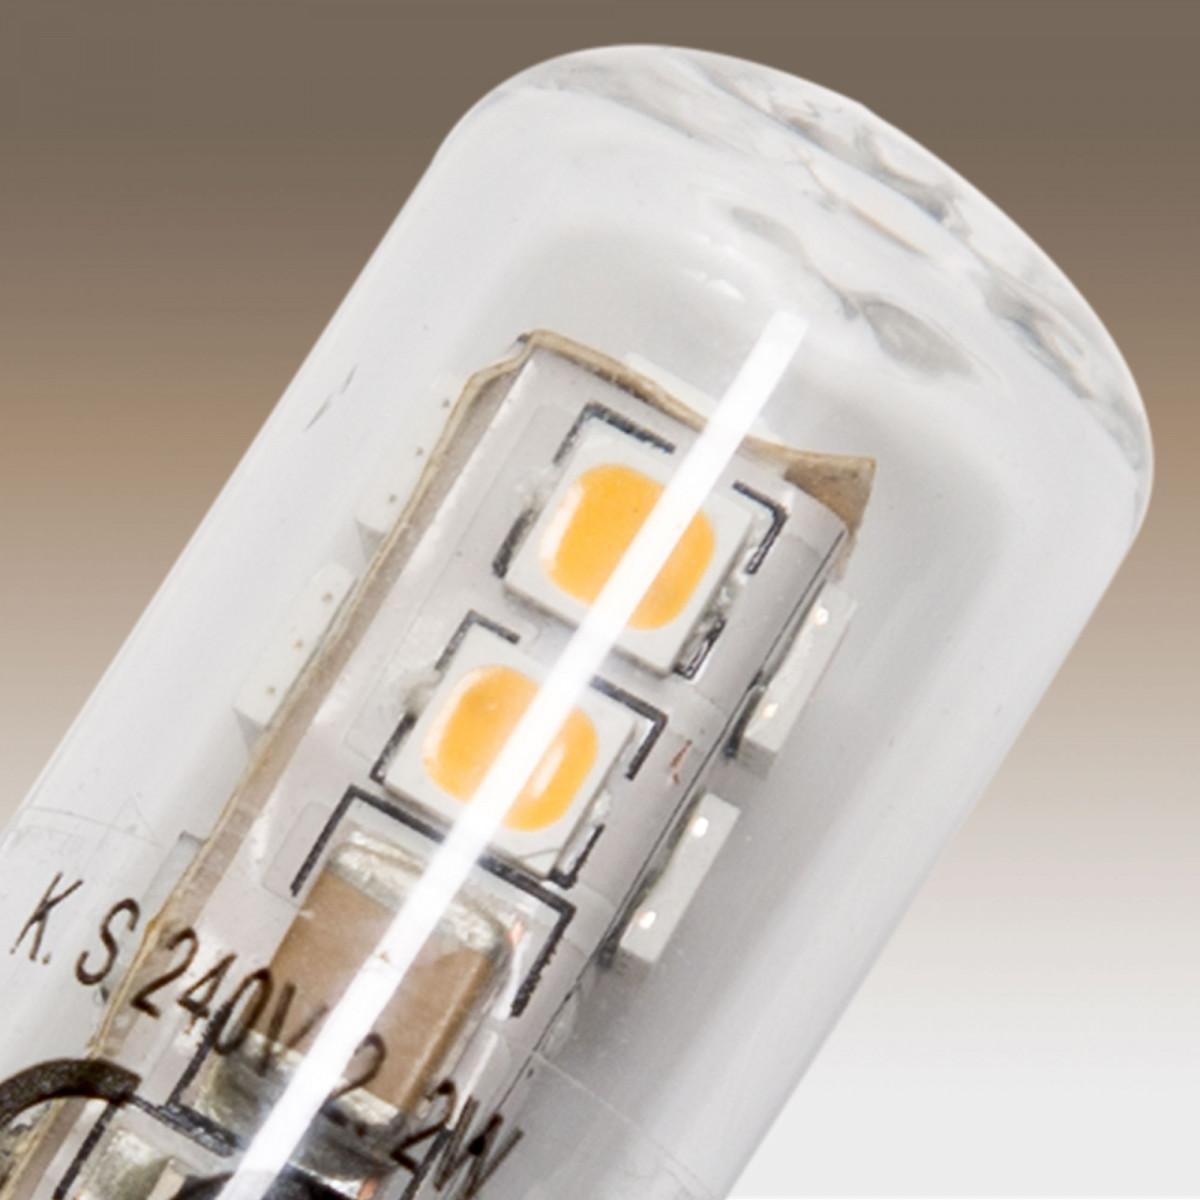 KS G9 LED 3.5W (5879) - KS Verlichting - Lichtbronnen